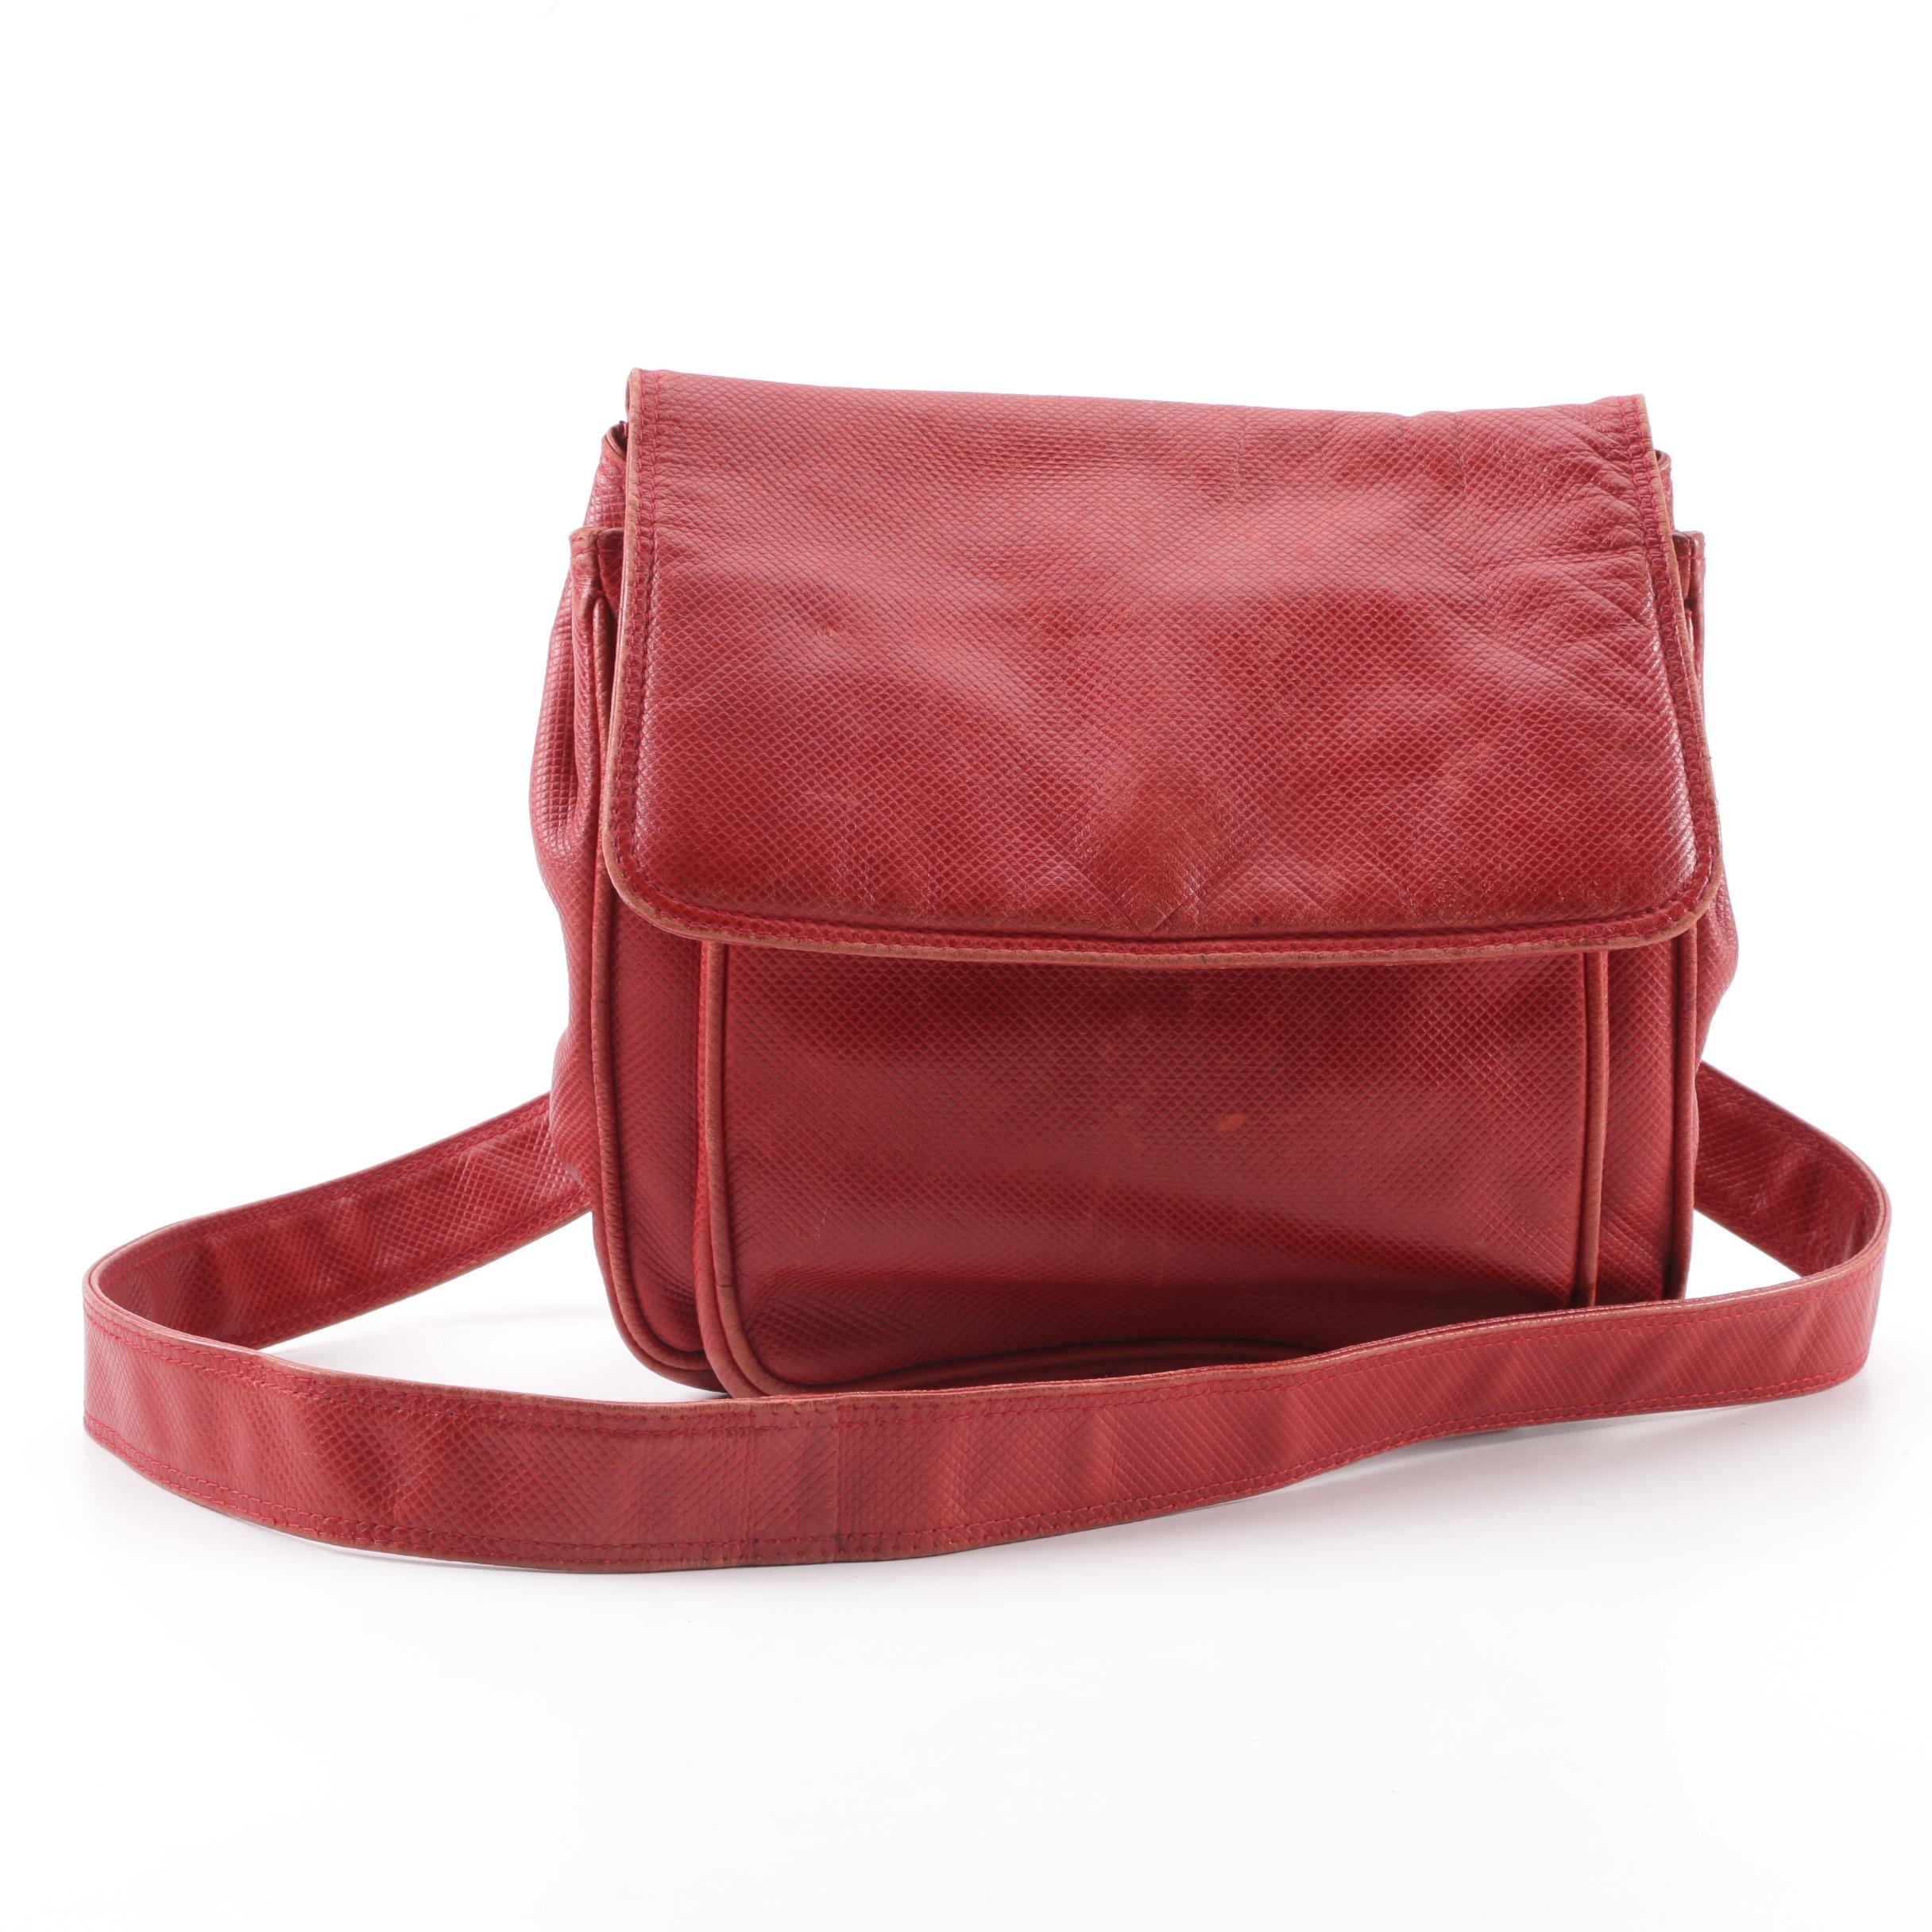 Vintage Bottega Veneta Embossed Red Leather Shoulder Bag